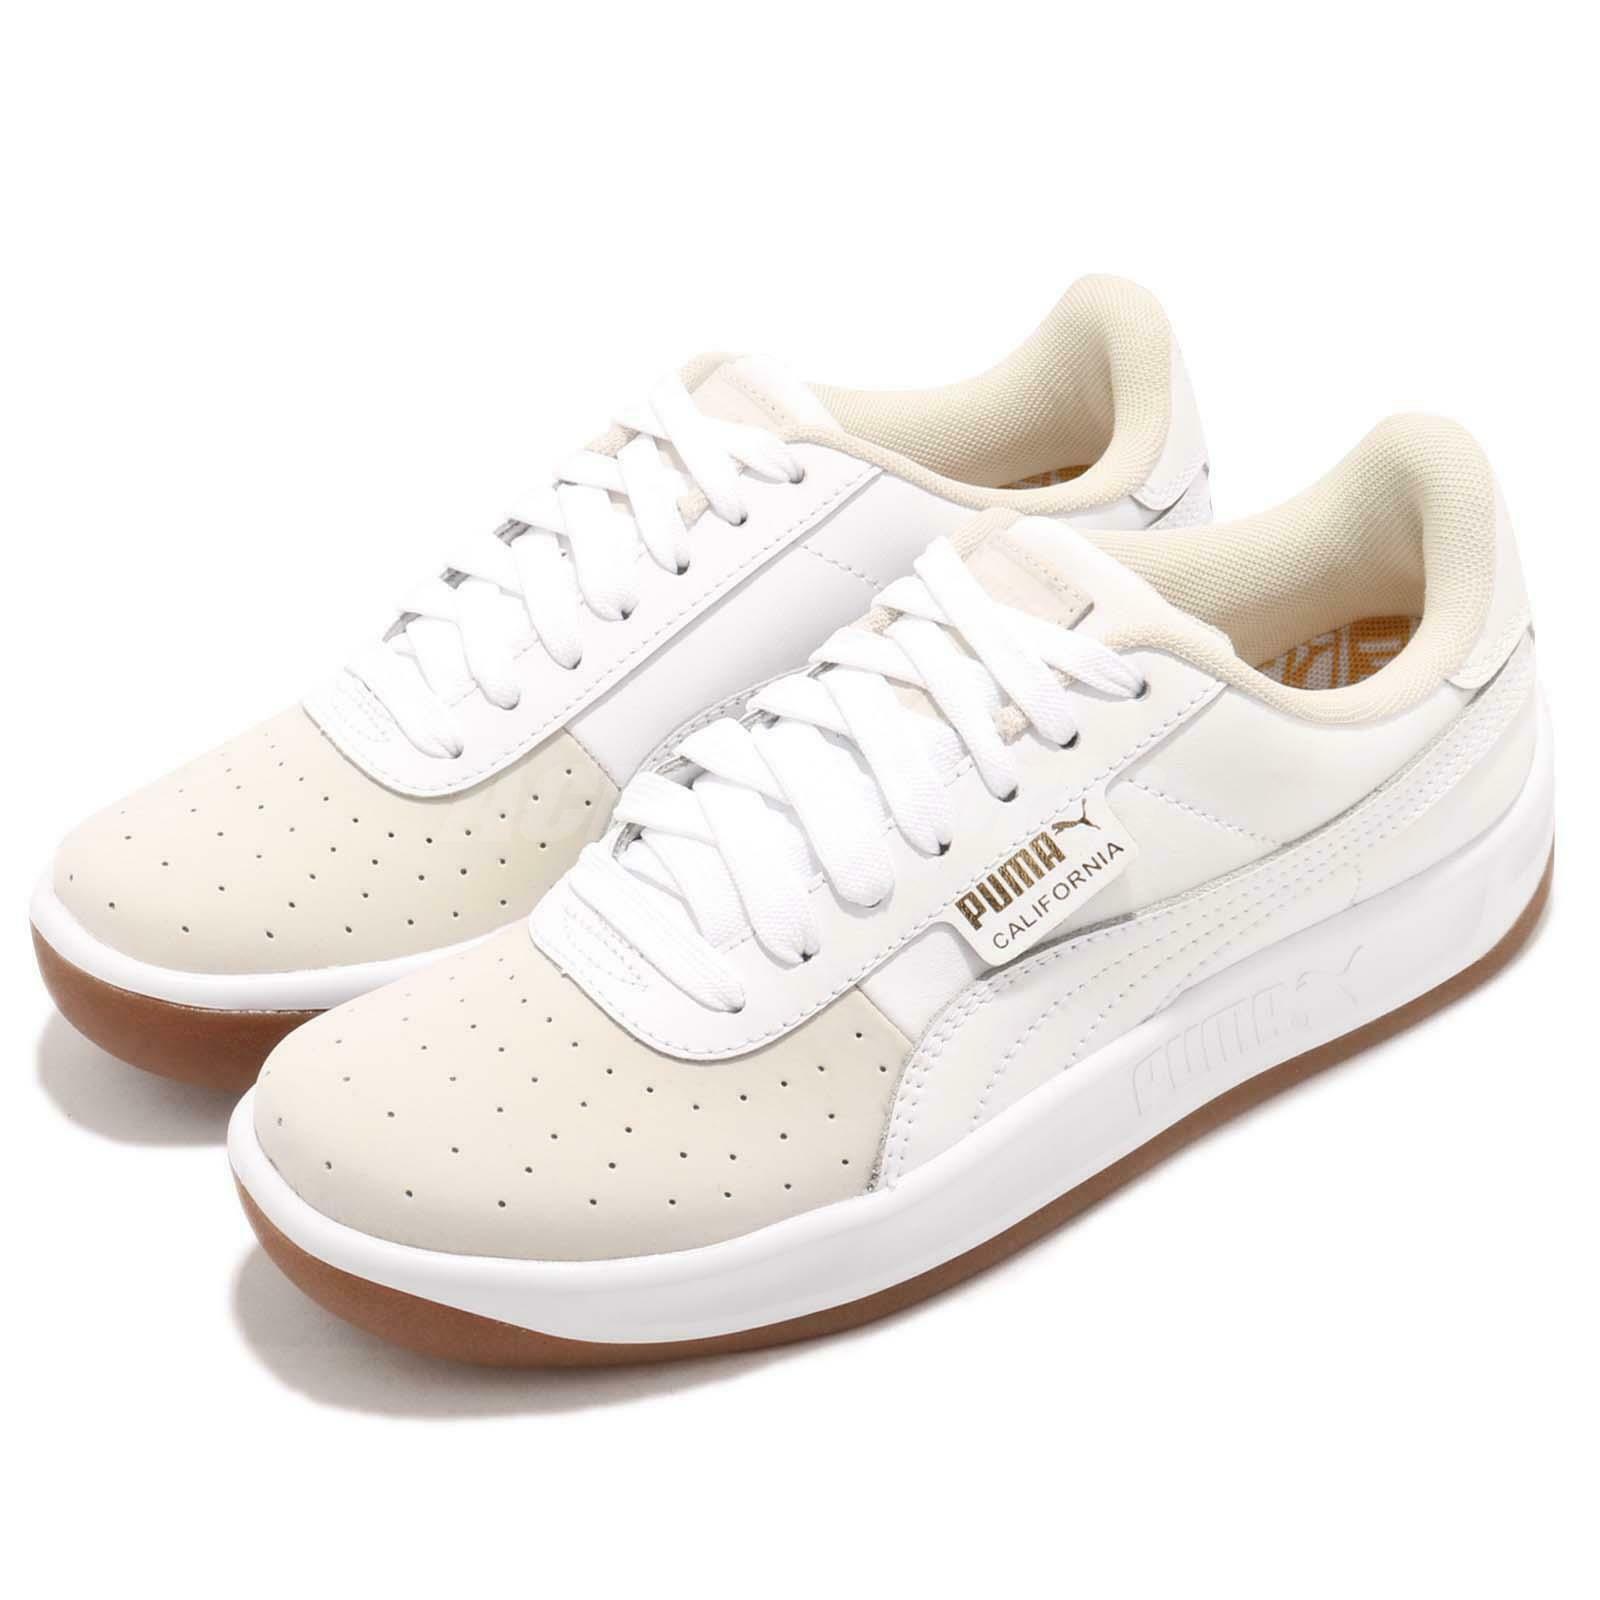 Puma Zapatillas Zapatos para Mujeres de California Exotic blancoo Dorado Gum 368135-01 Nuevo